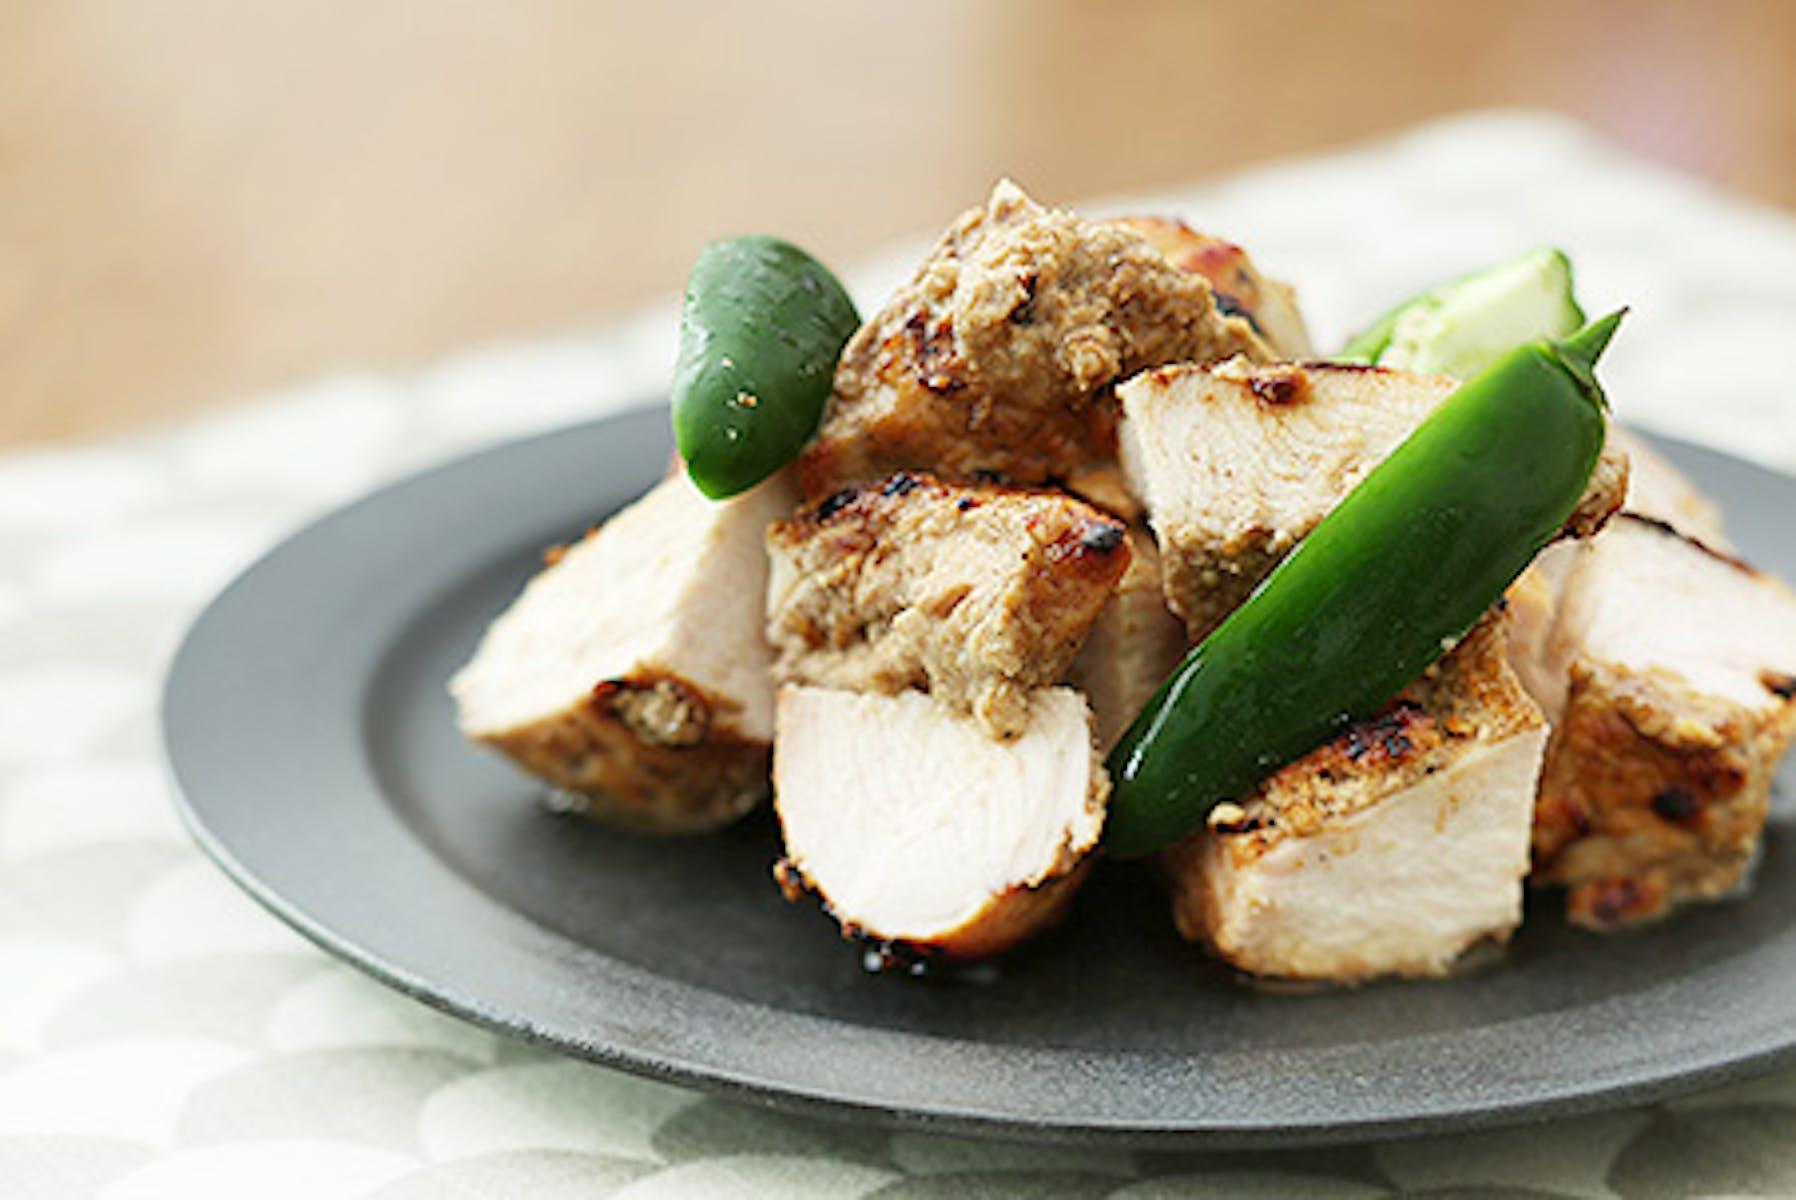 鶏むね肉のスパイスヨーグルトみそ漬け焼き